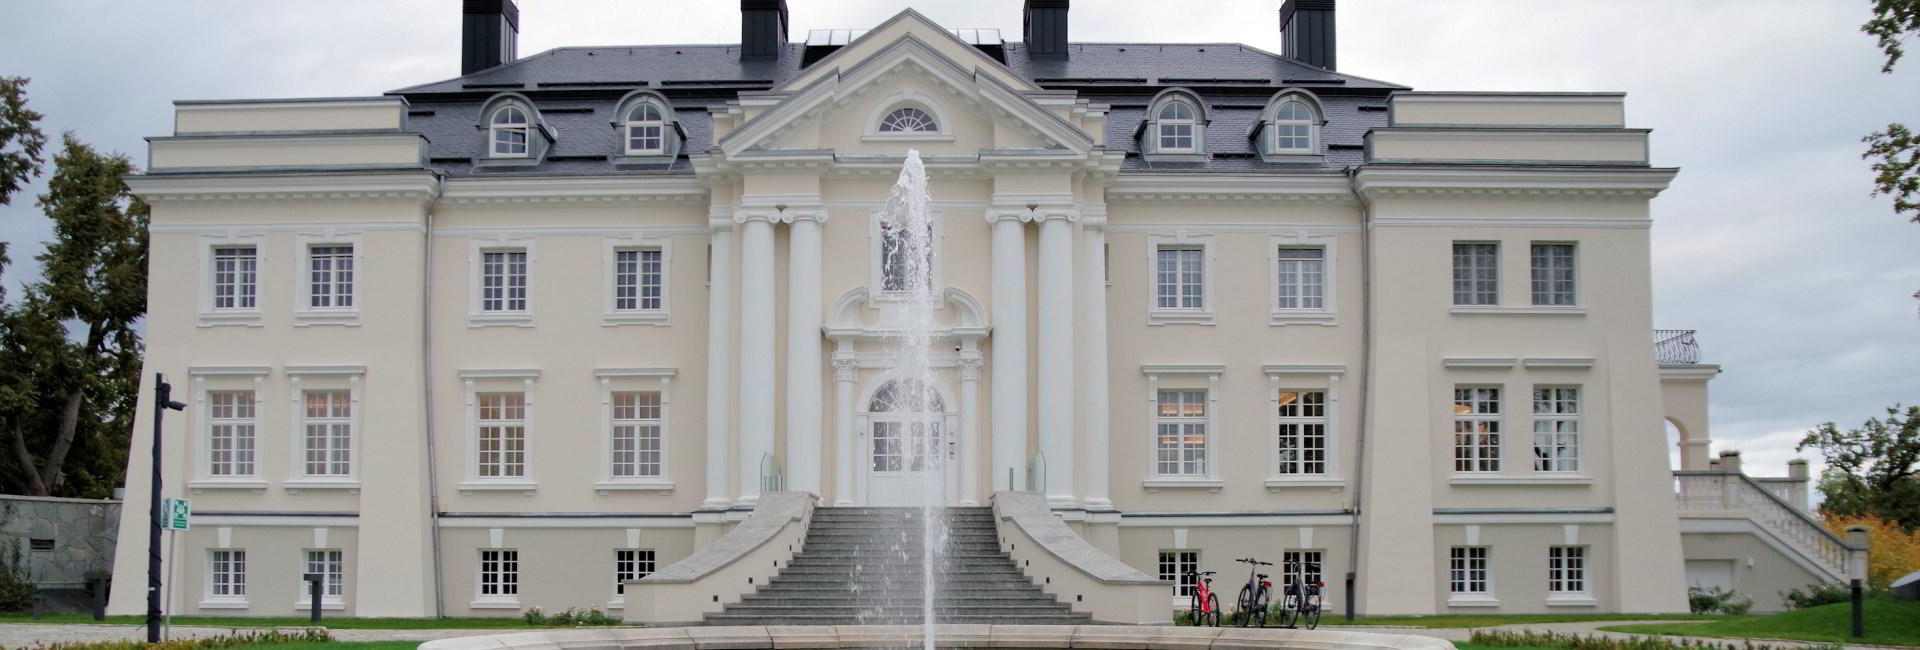 Komierowo Palace in Sepolno Krajenskie